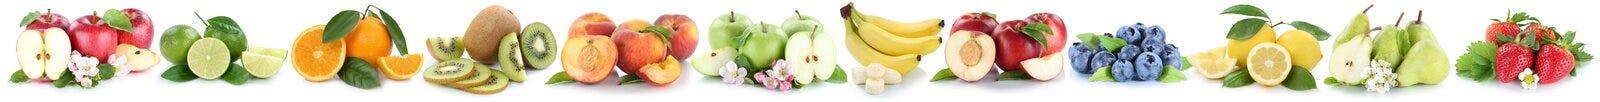 Trägt orange Apfelorangen des Apfels Früchte, die Bananen in Folge isolat Früchte tragen Stockbild